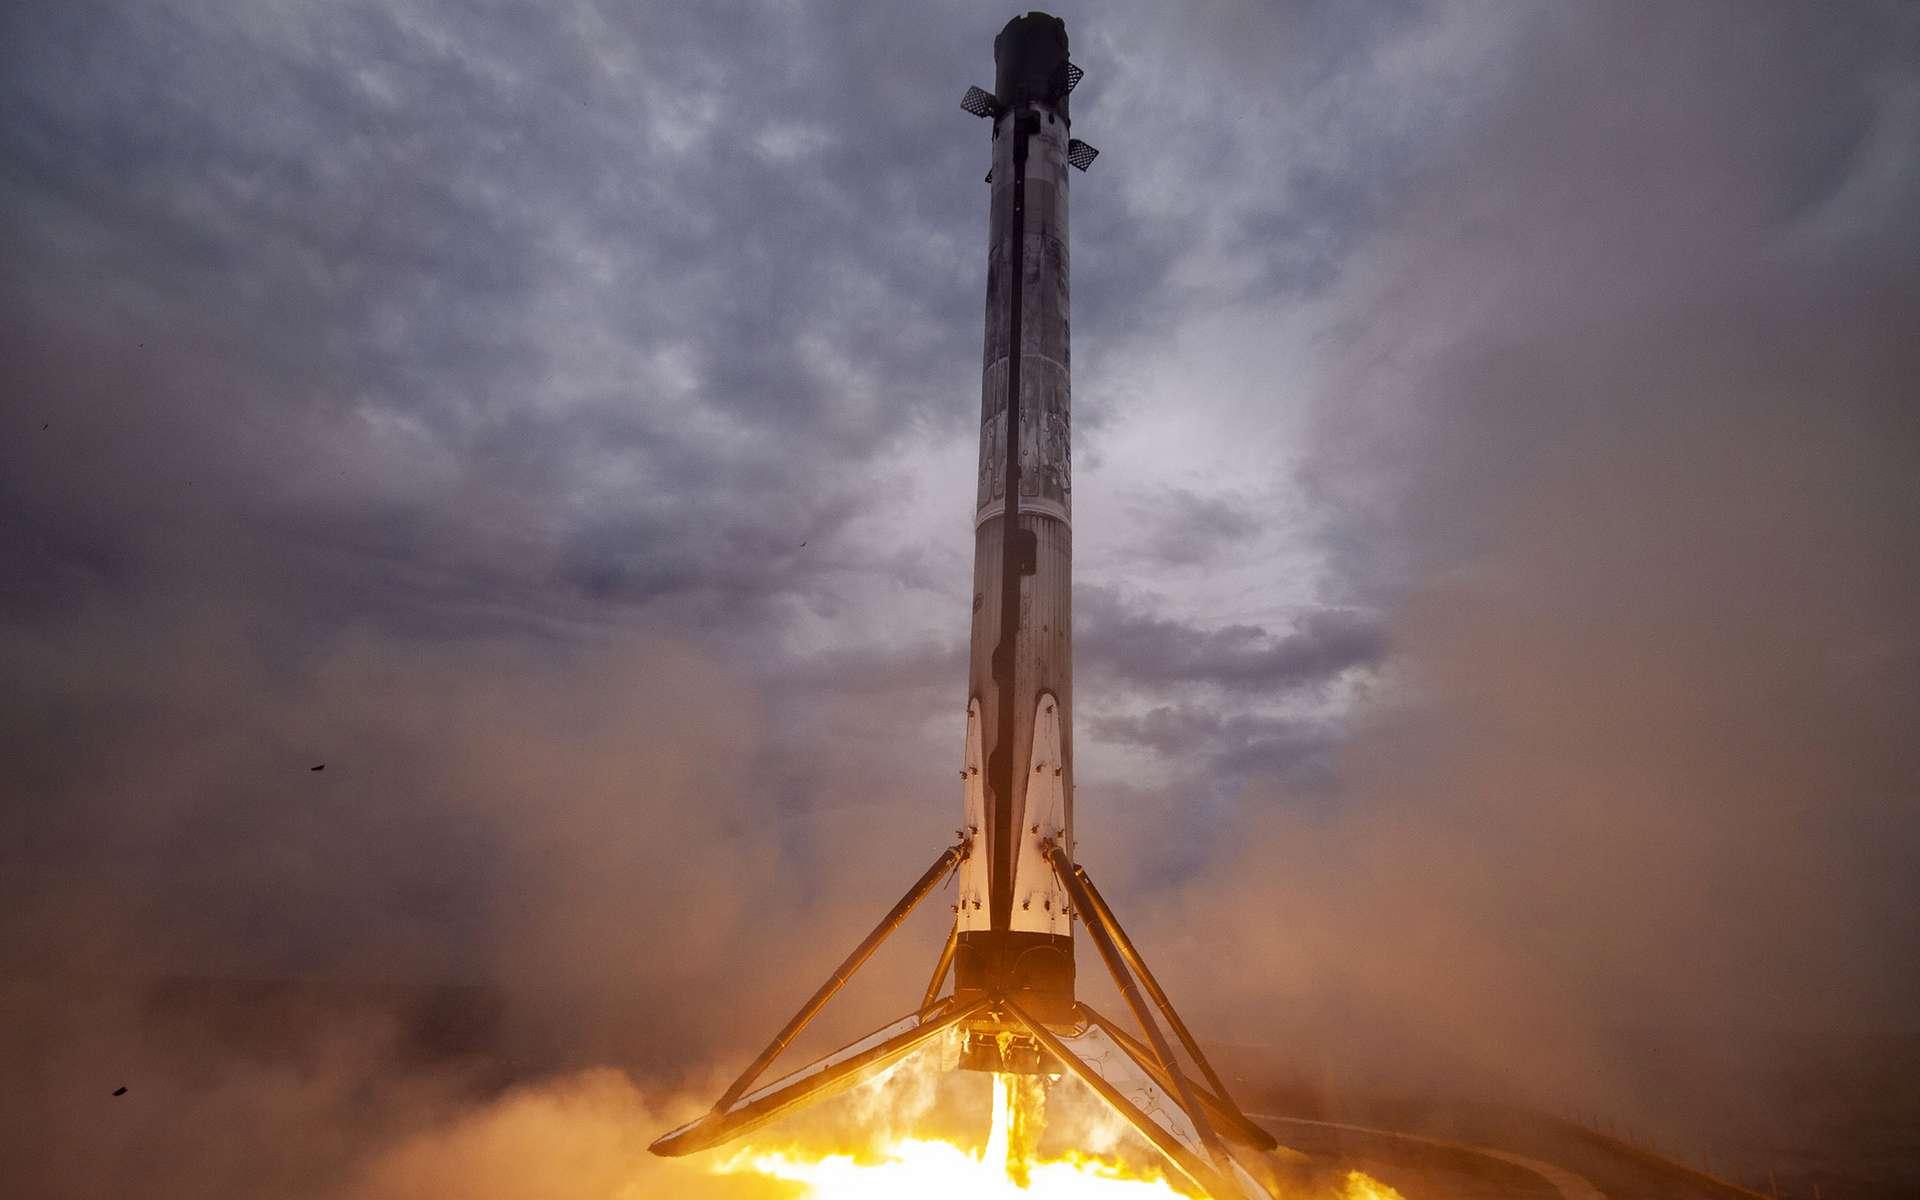 Retour de l'étage principal du Falcon 9 utilisé pour lancer le Crew Dragon de SpaceX lors de démo-2 en mai 2020. © SpaceX